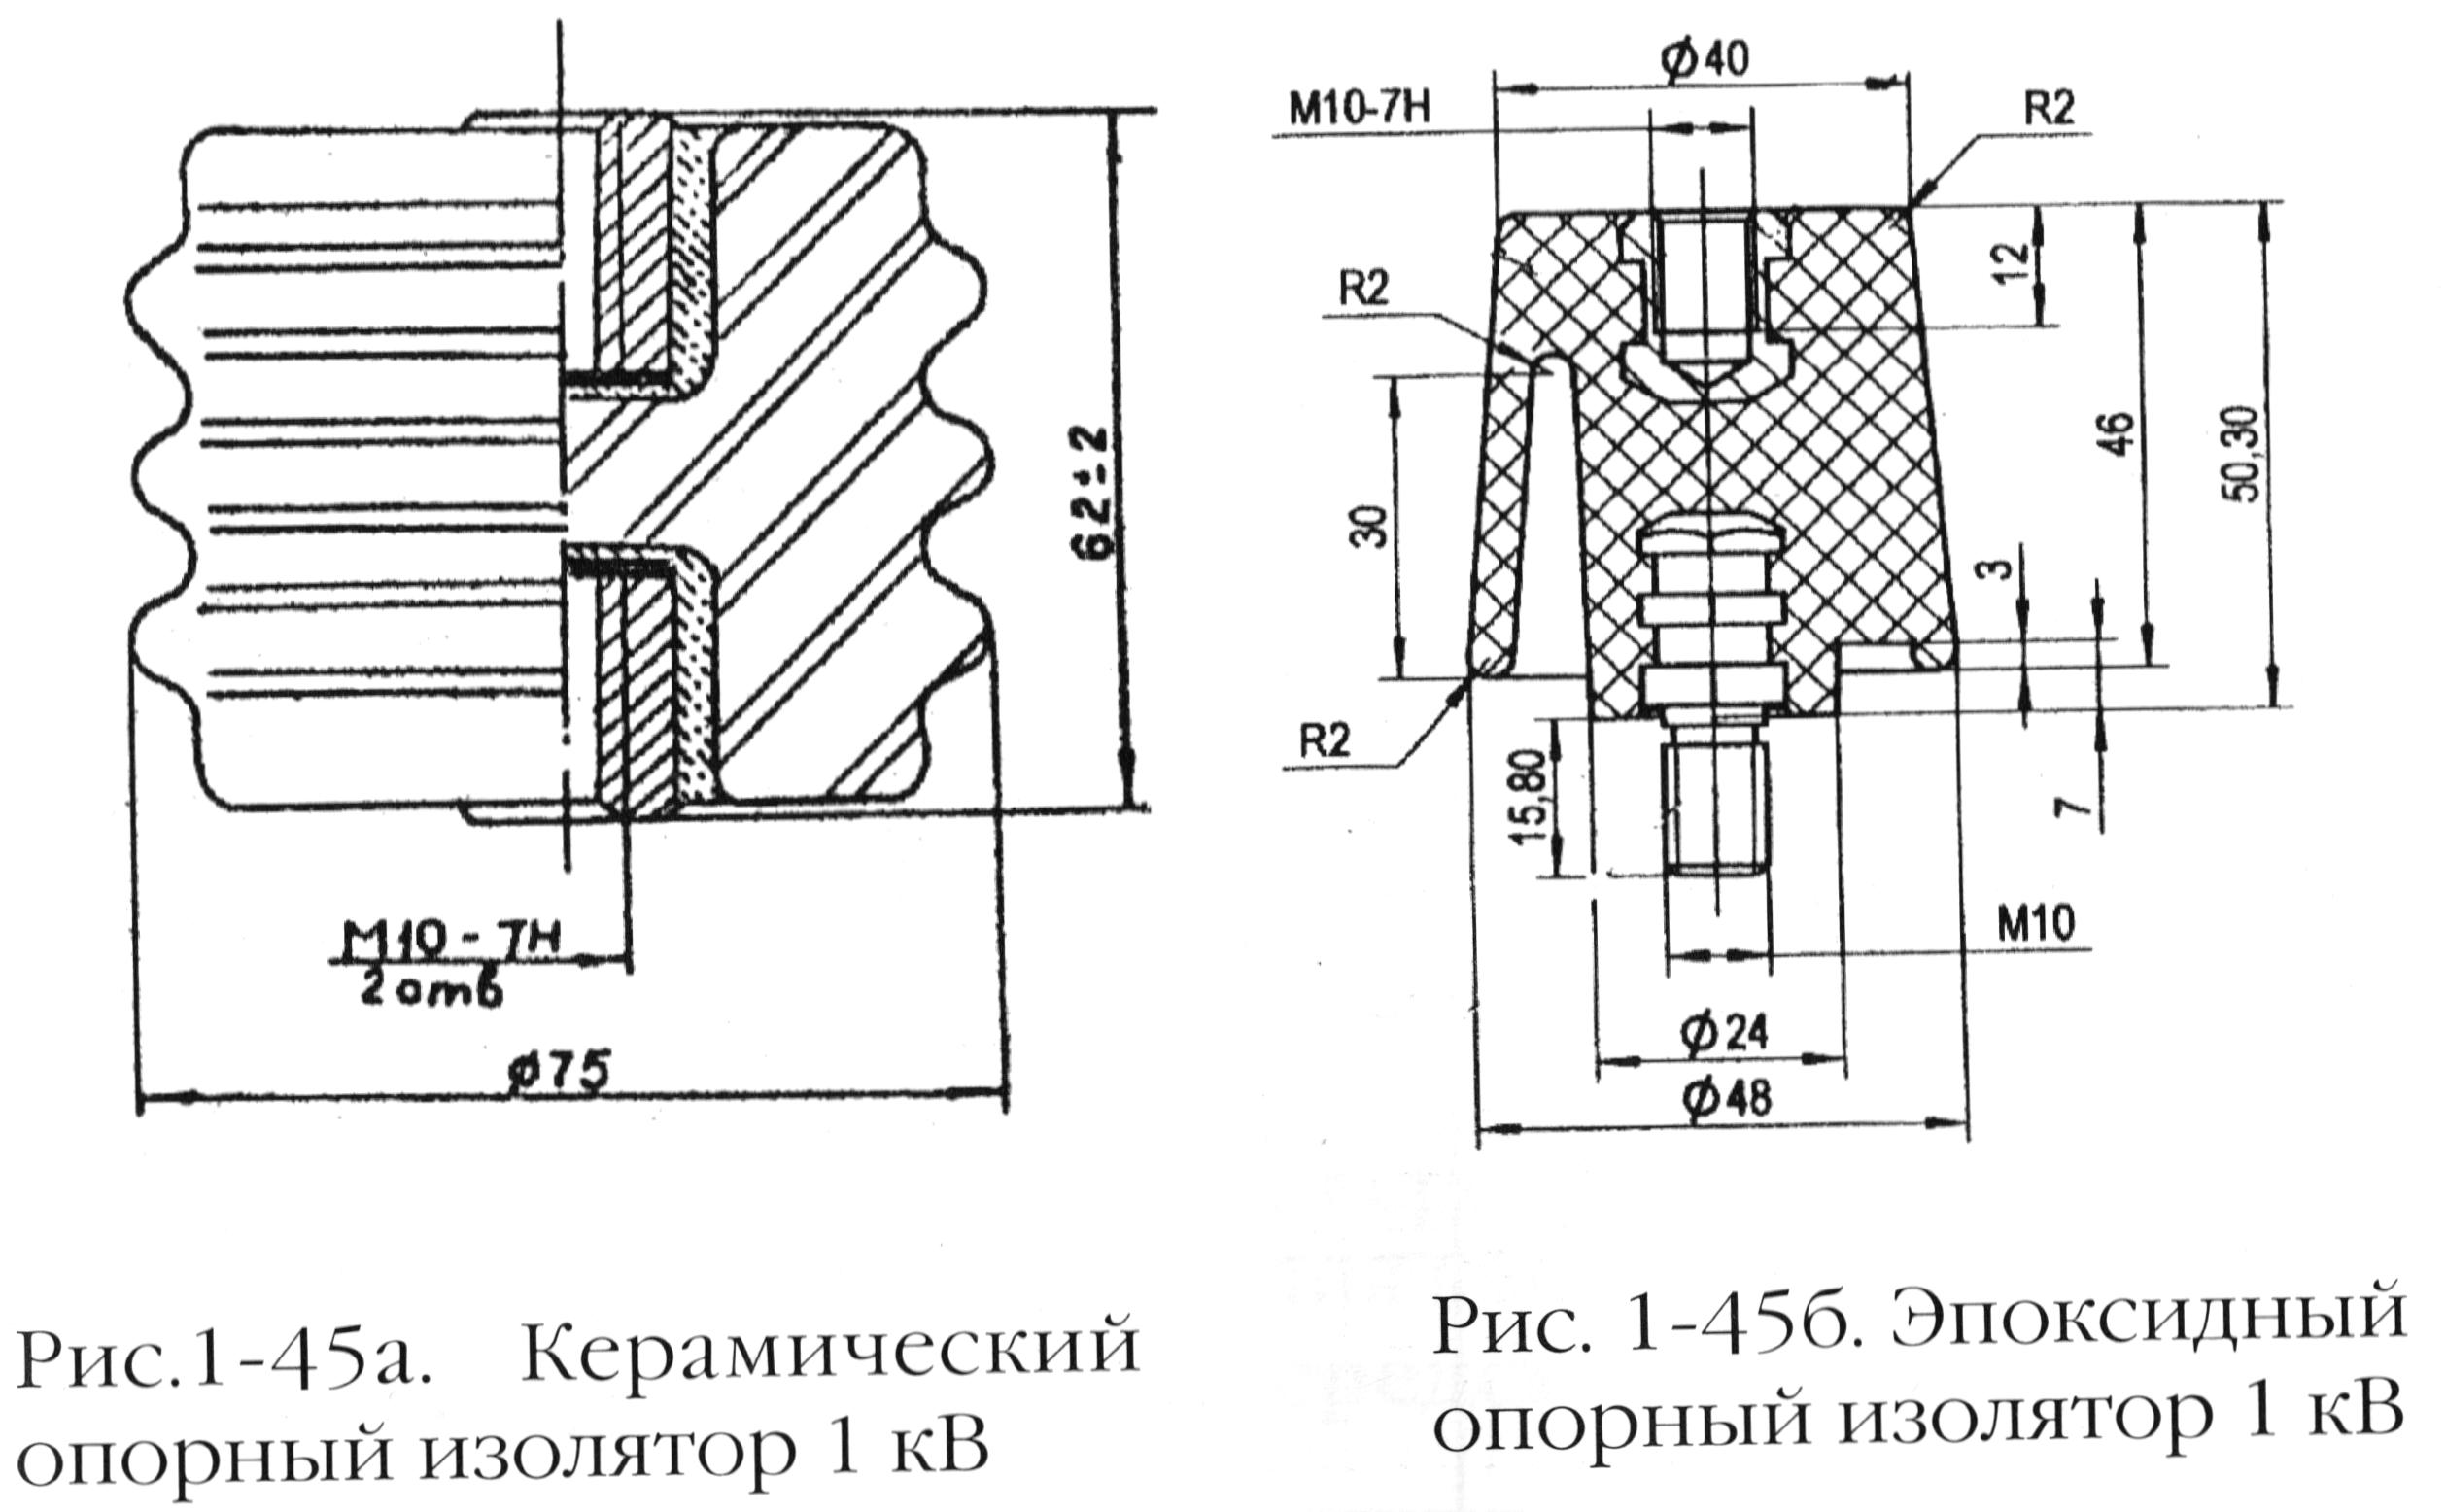 Керамический и эпоксидный опорные изоляторы 1 кВ